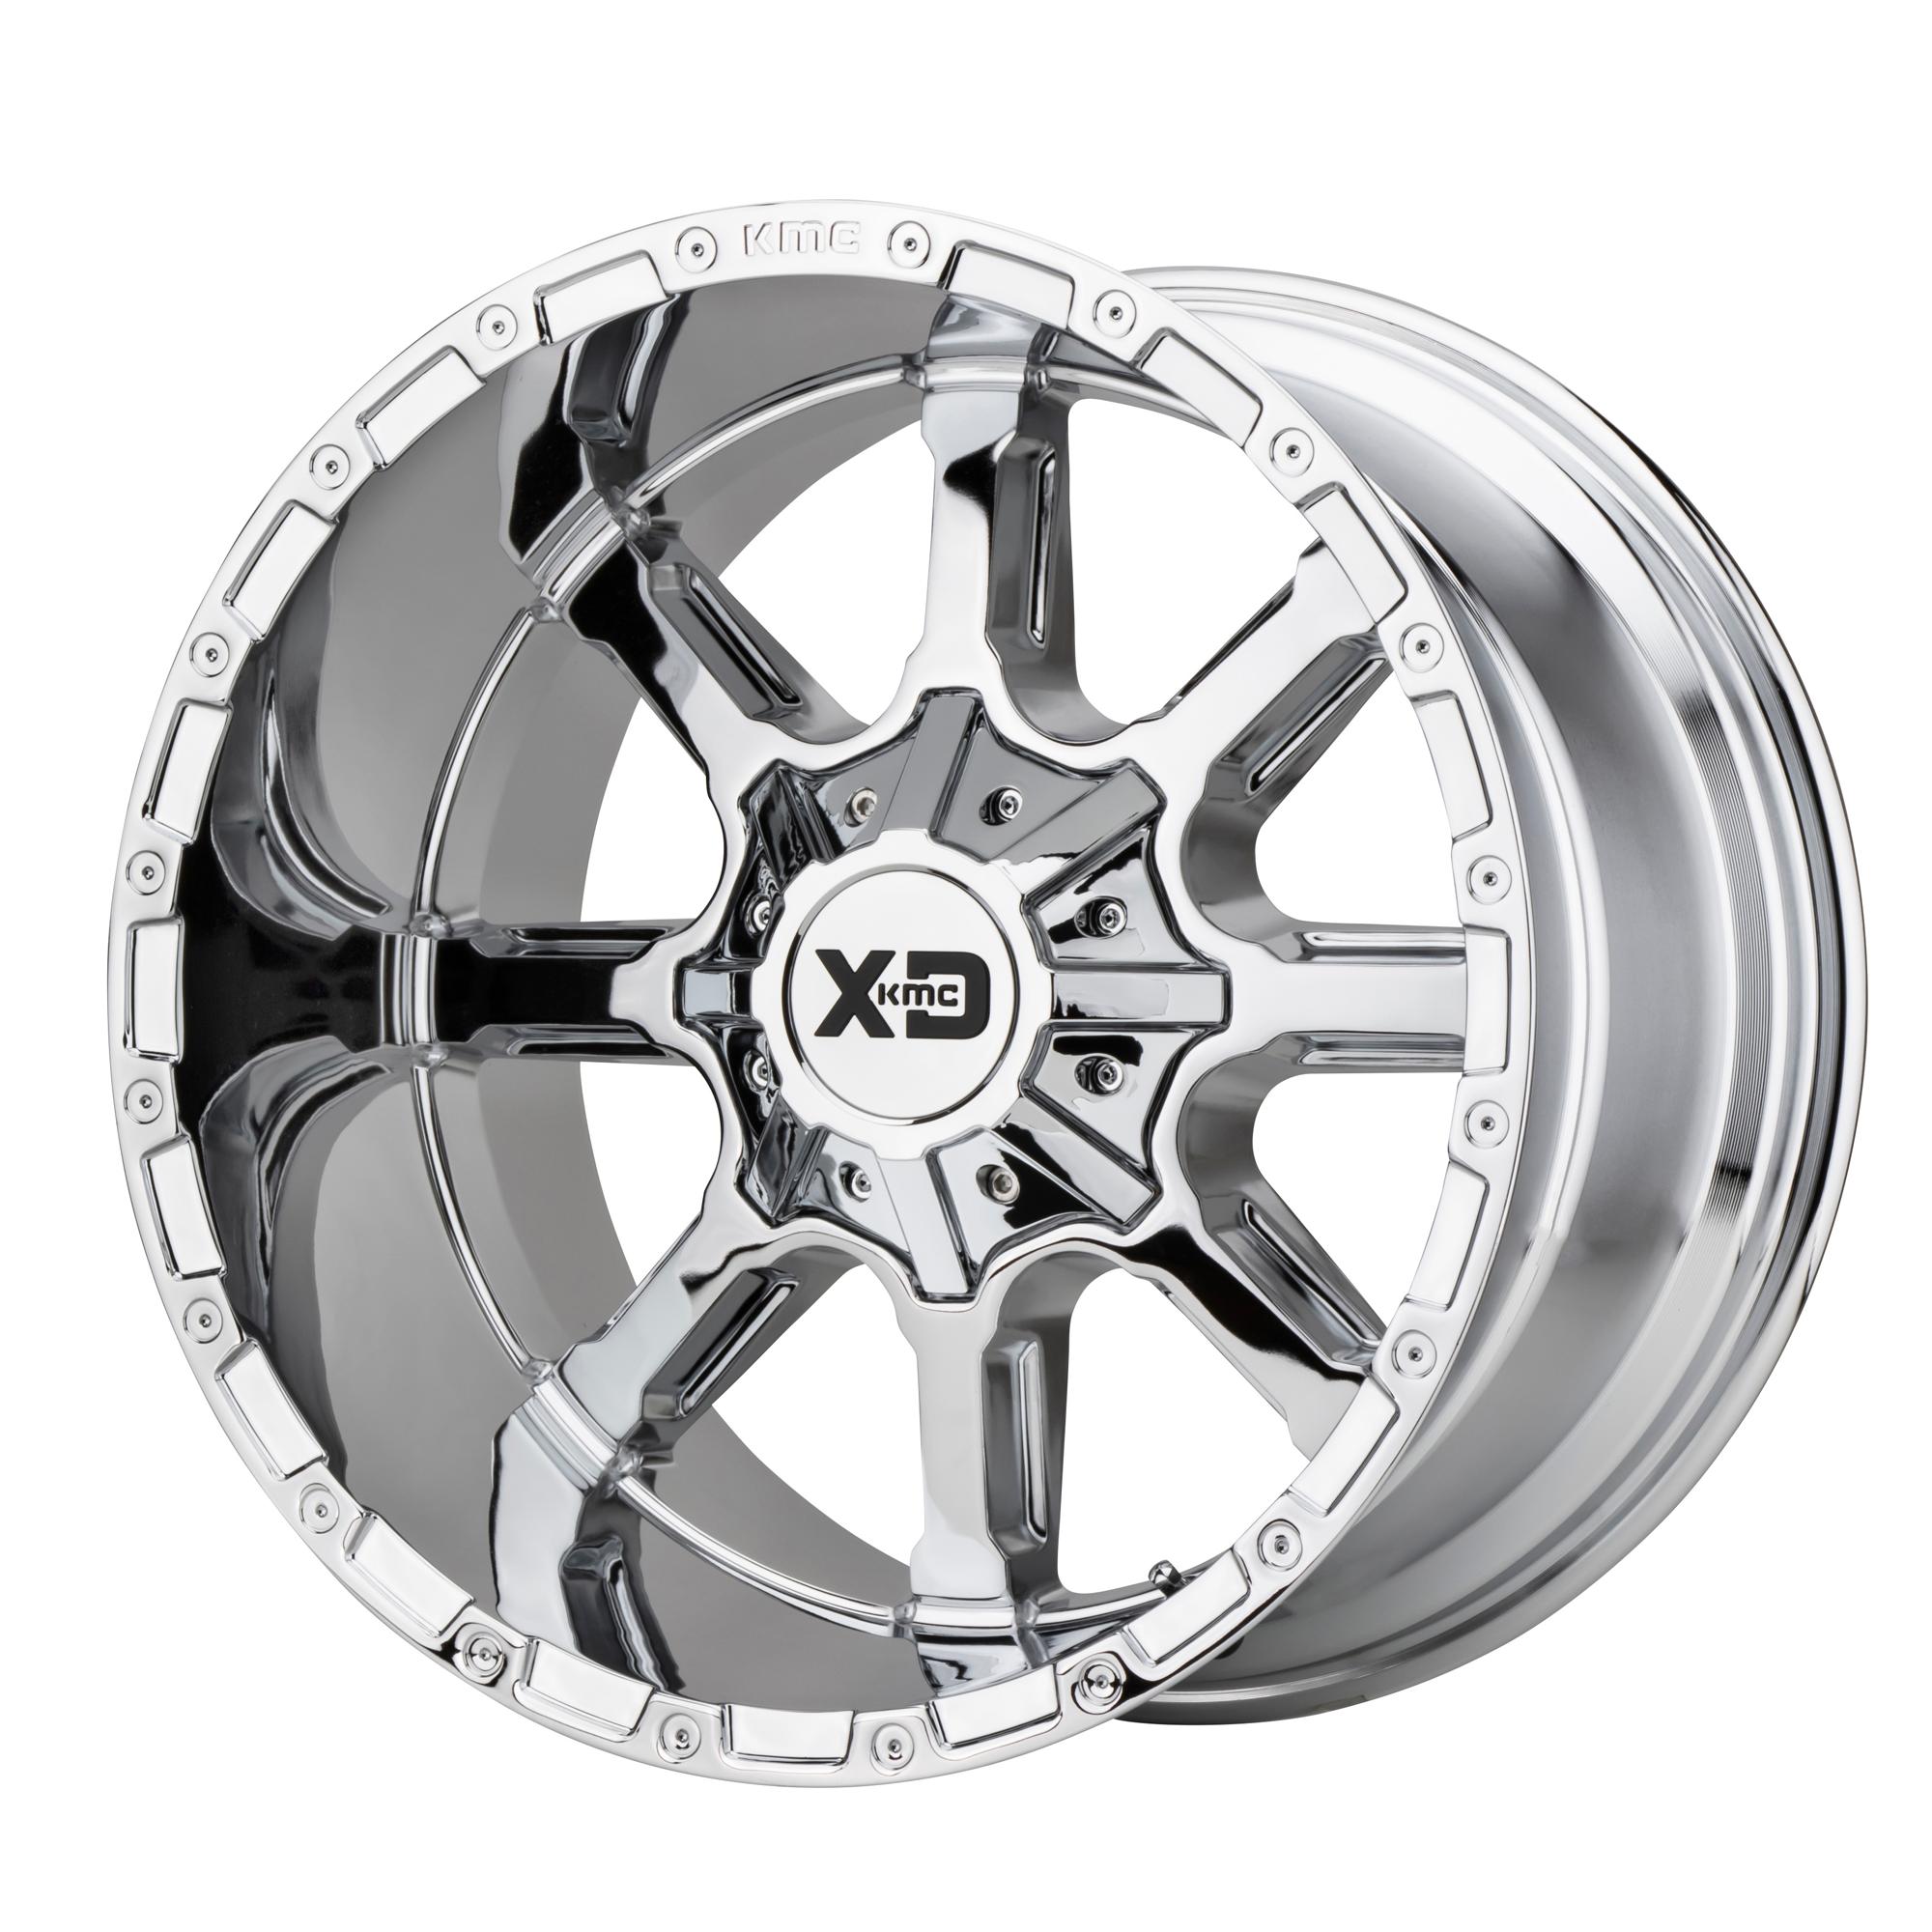 XD SERIES XD838 MAMMOTH hliníkové disky 9x20 8x165,1 ET0 Chrome